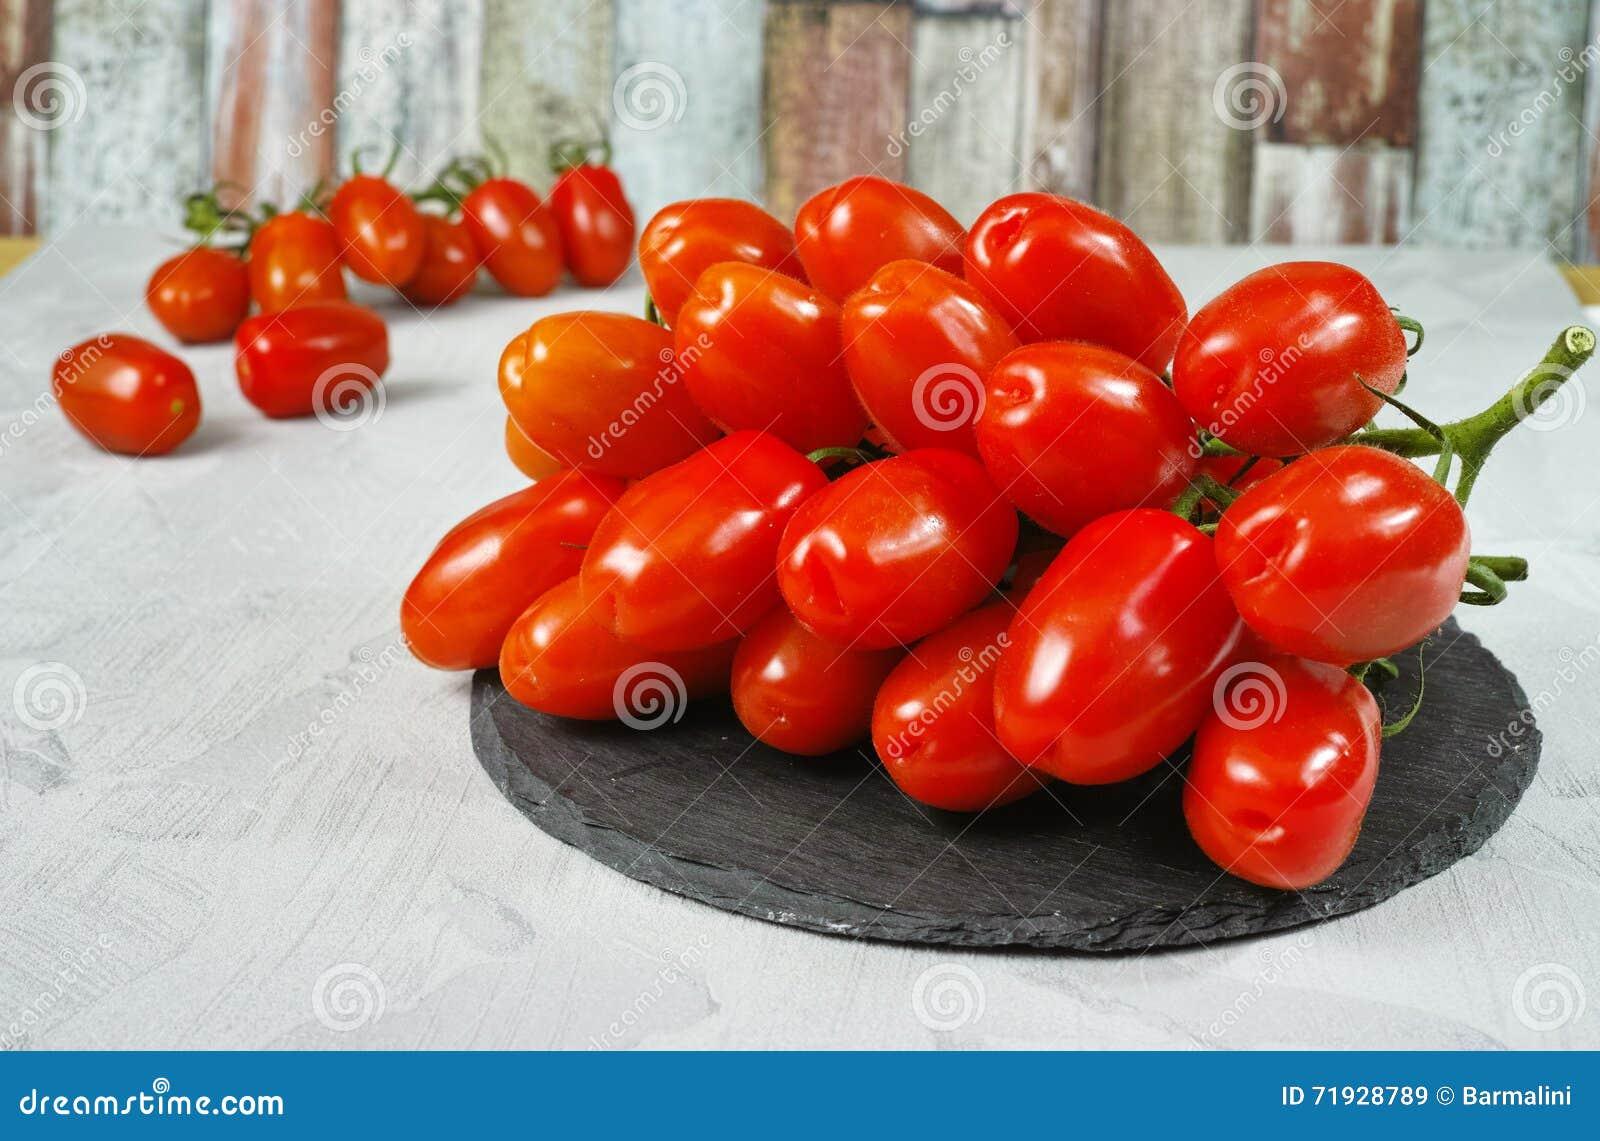 Свежие зрелые мини томаты roma на серой доске